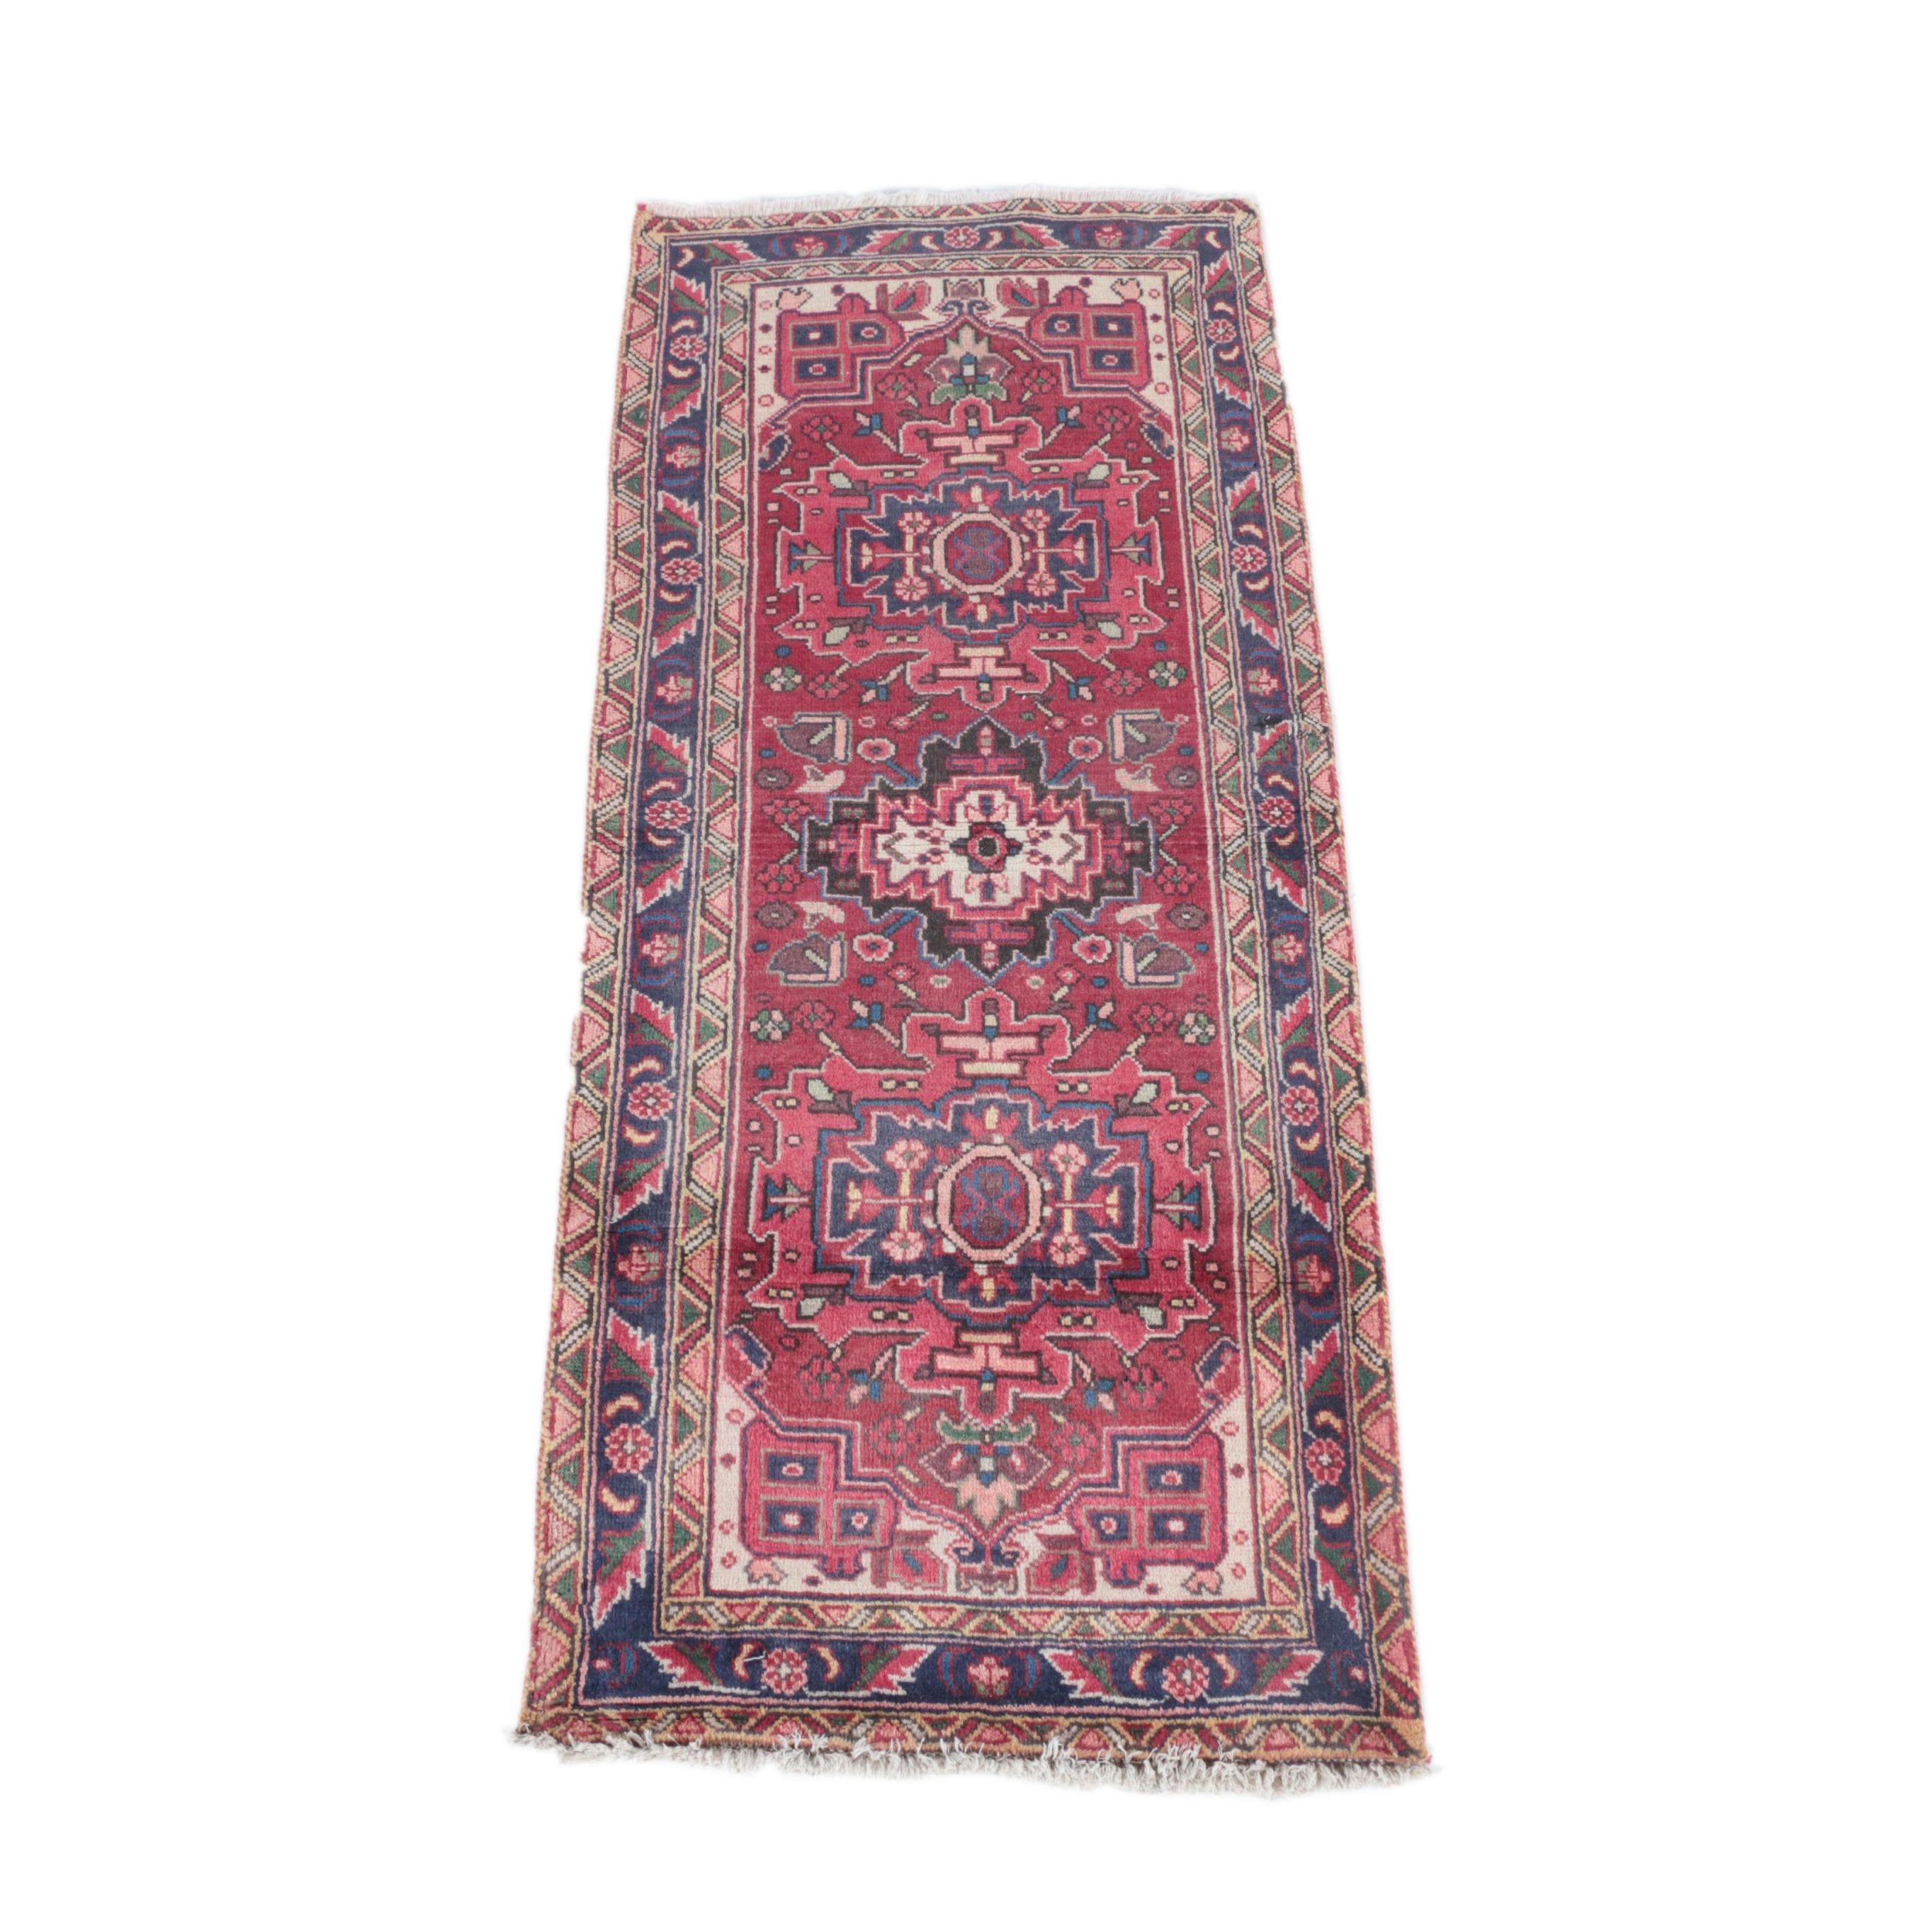 Vintage Hand-Knotted Persian Karaja Wool Area Rug